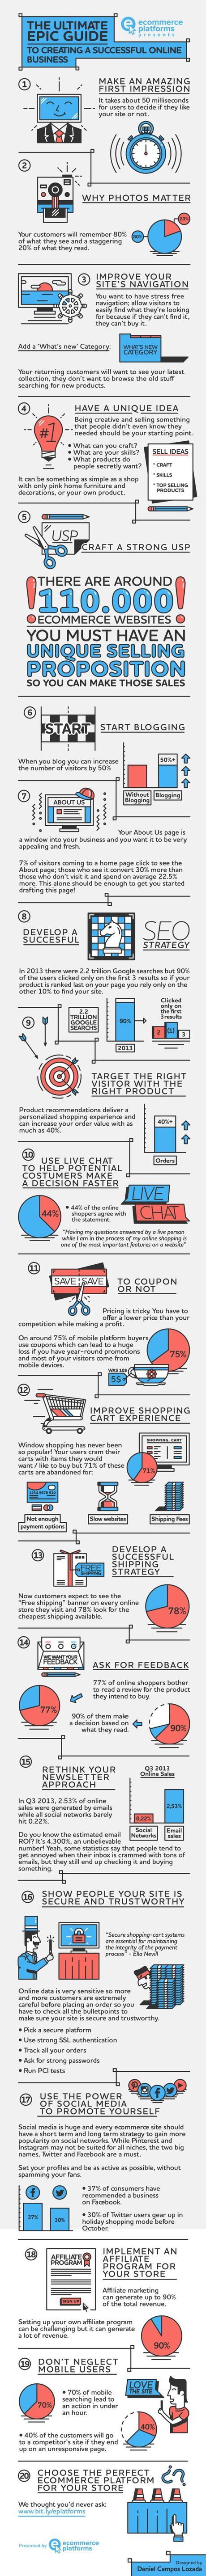 Boutique en ligne - infographie